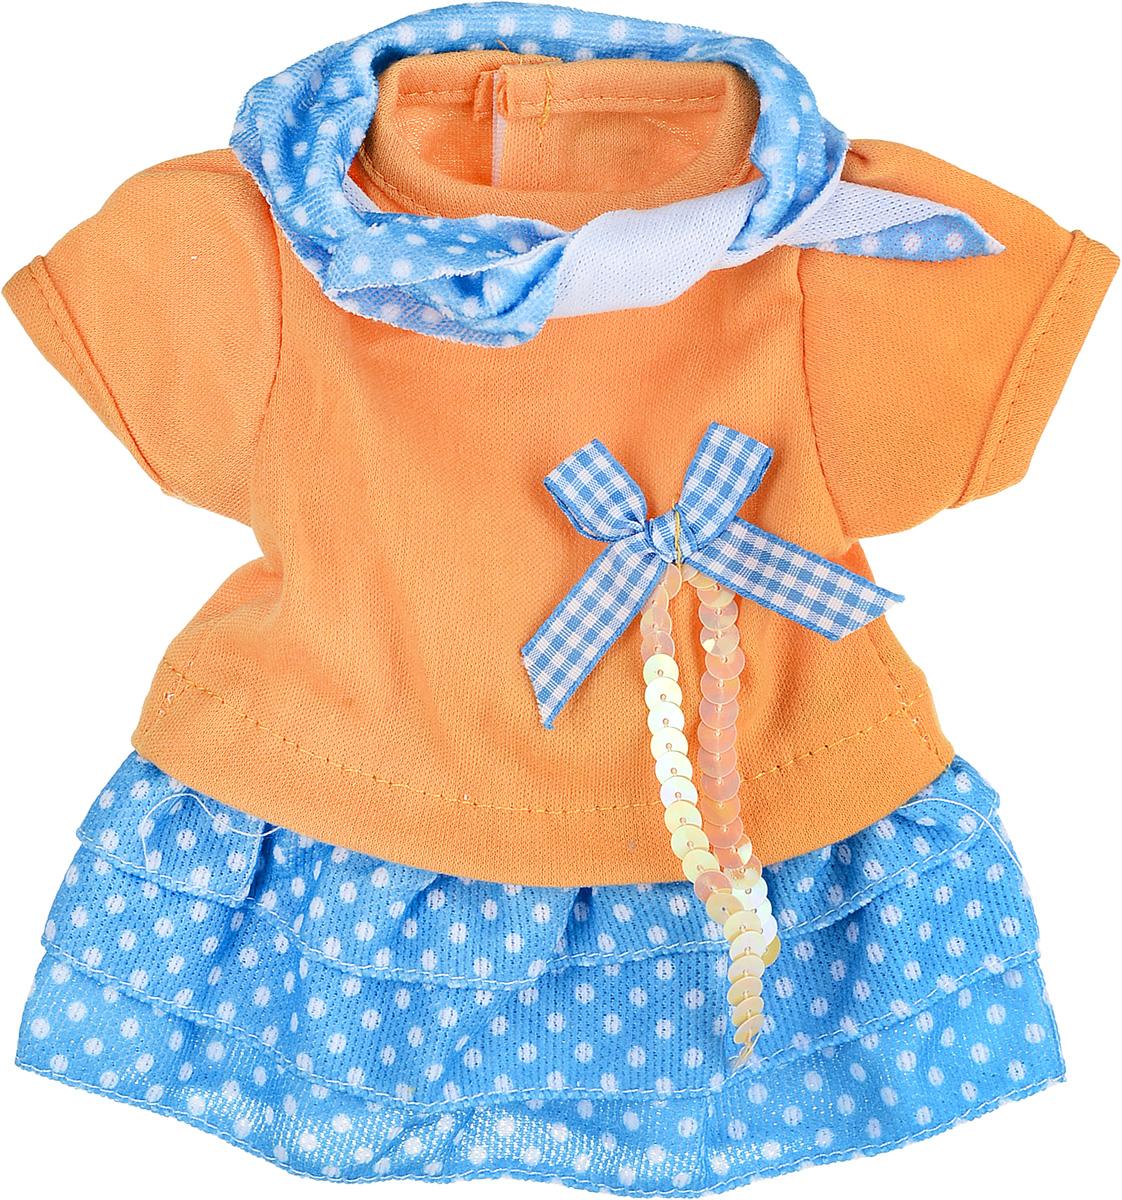 Junfa Toys Одежда для кукол Платье цвет желтый голубой GC14-2 junfa toys